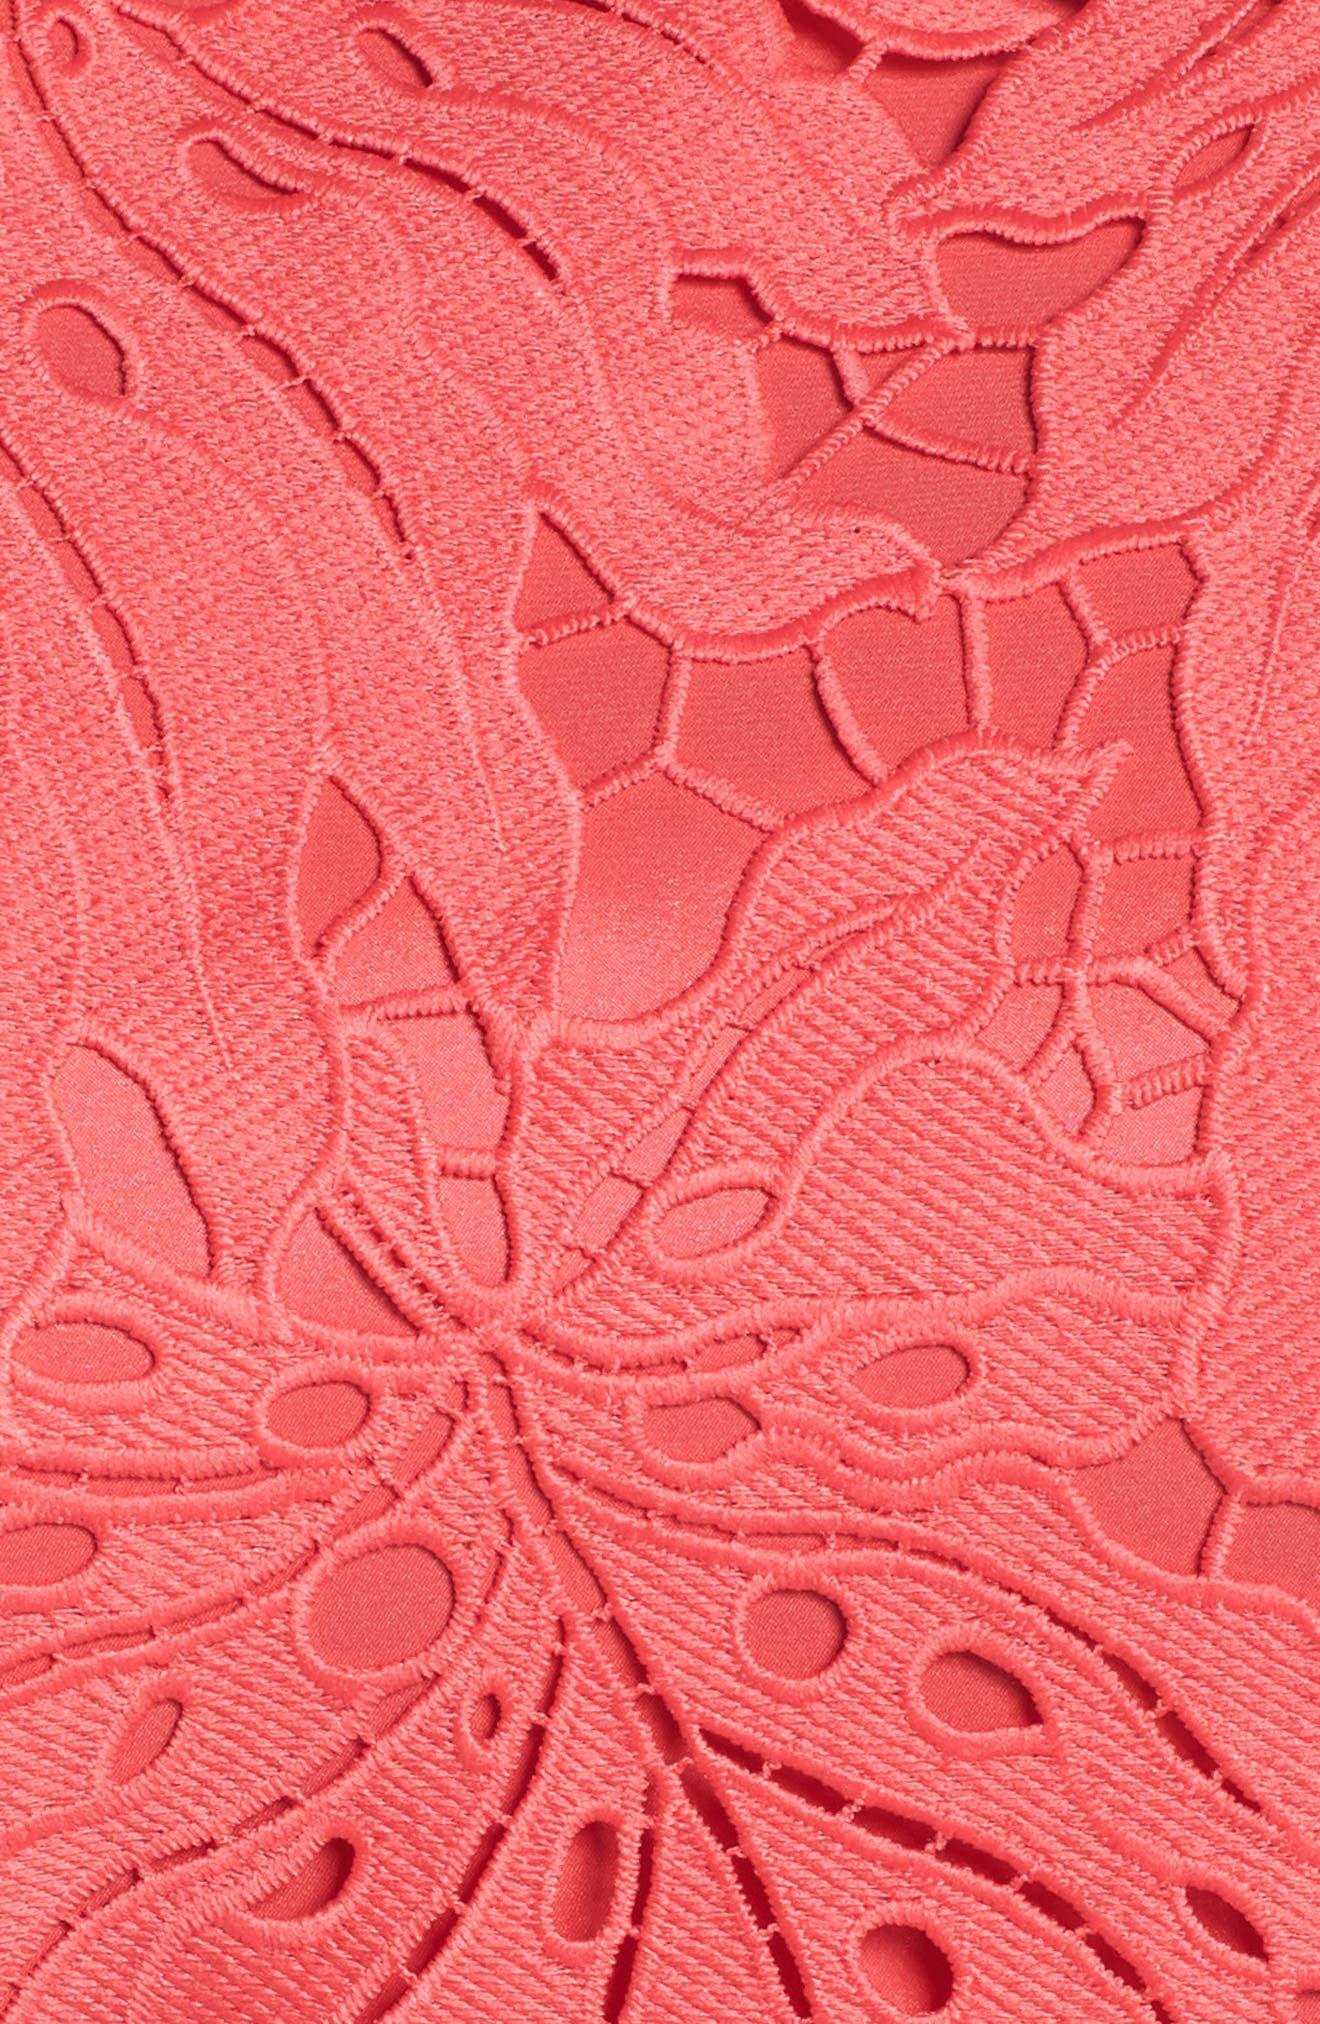 Palm Leaf Chemical Lace A-Line Dress,                             Alternate thumbnail 6, color,                             659